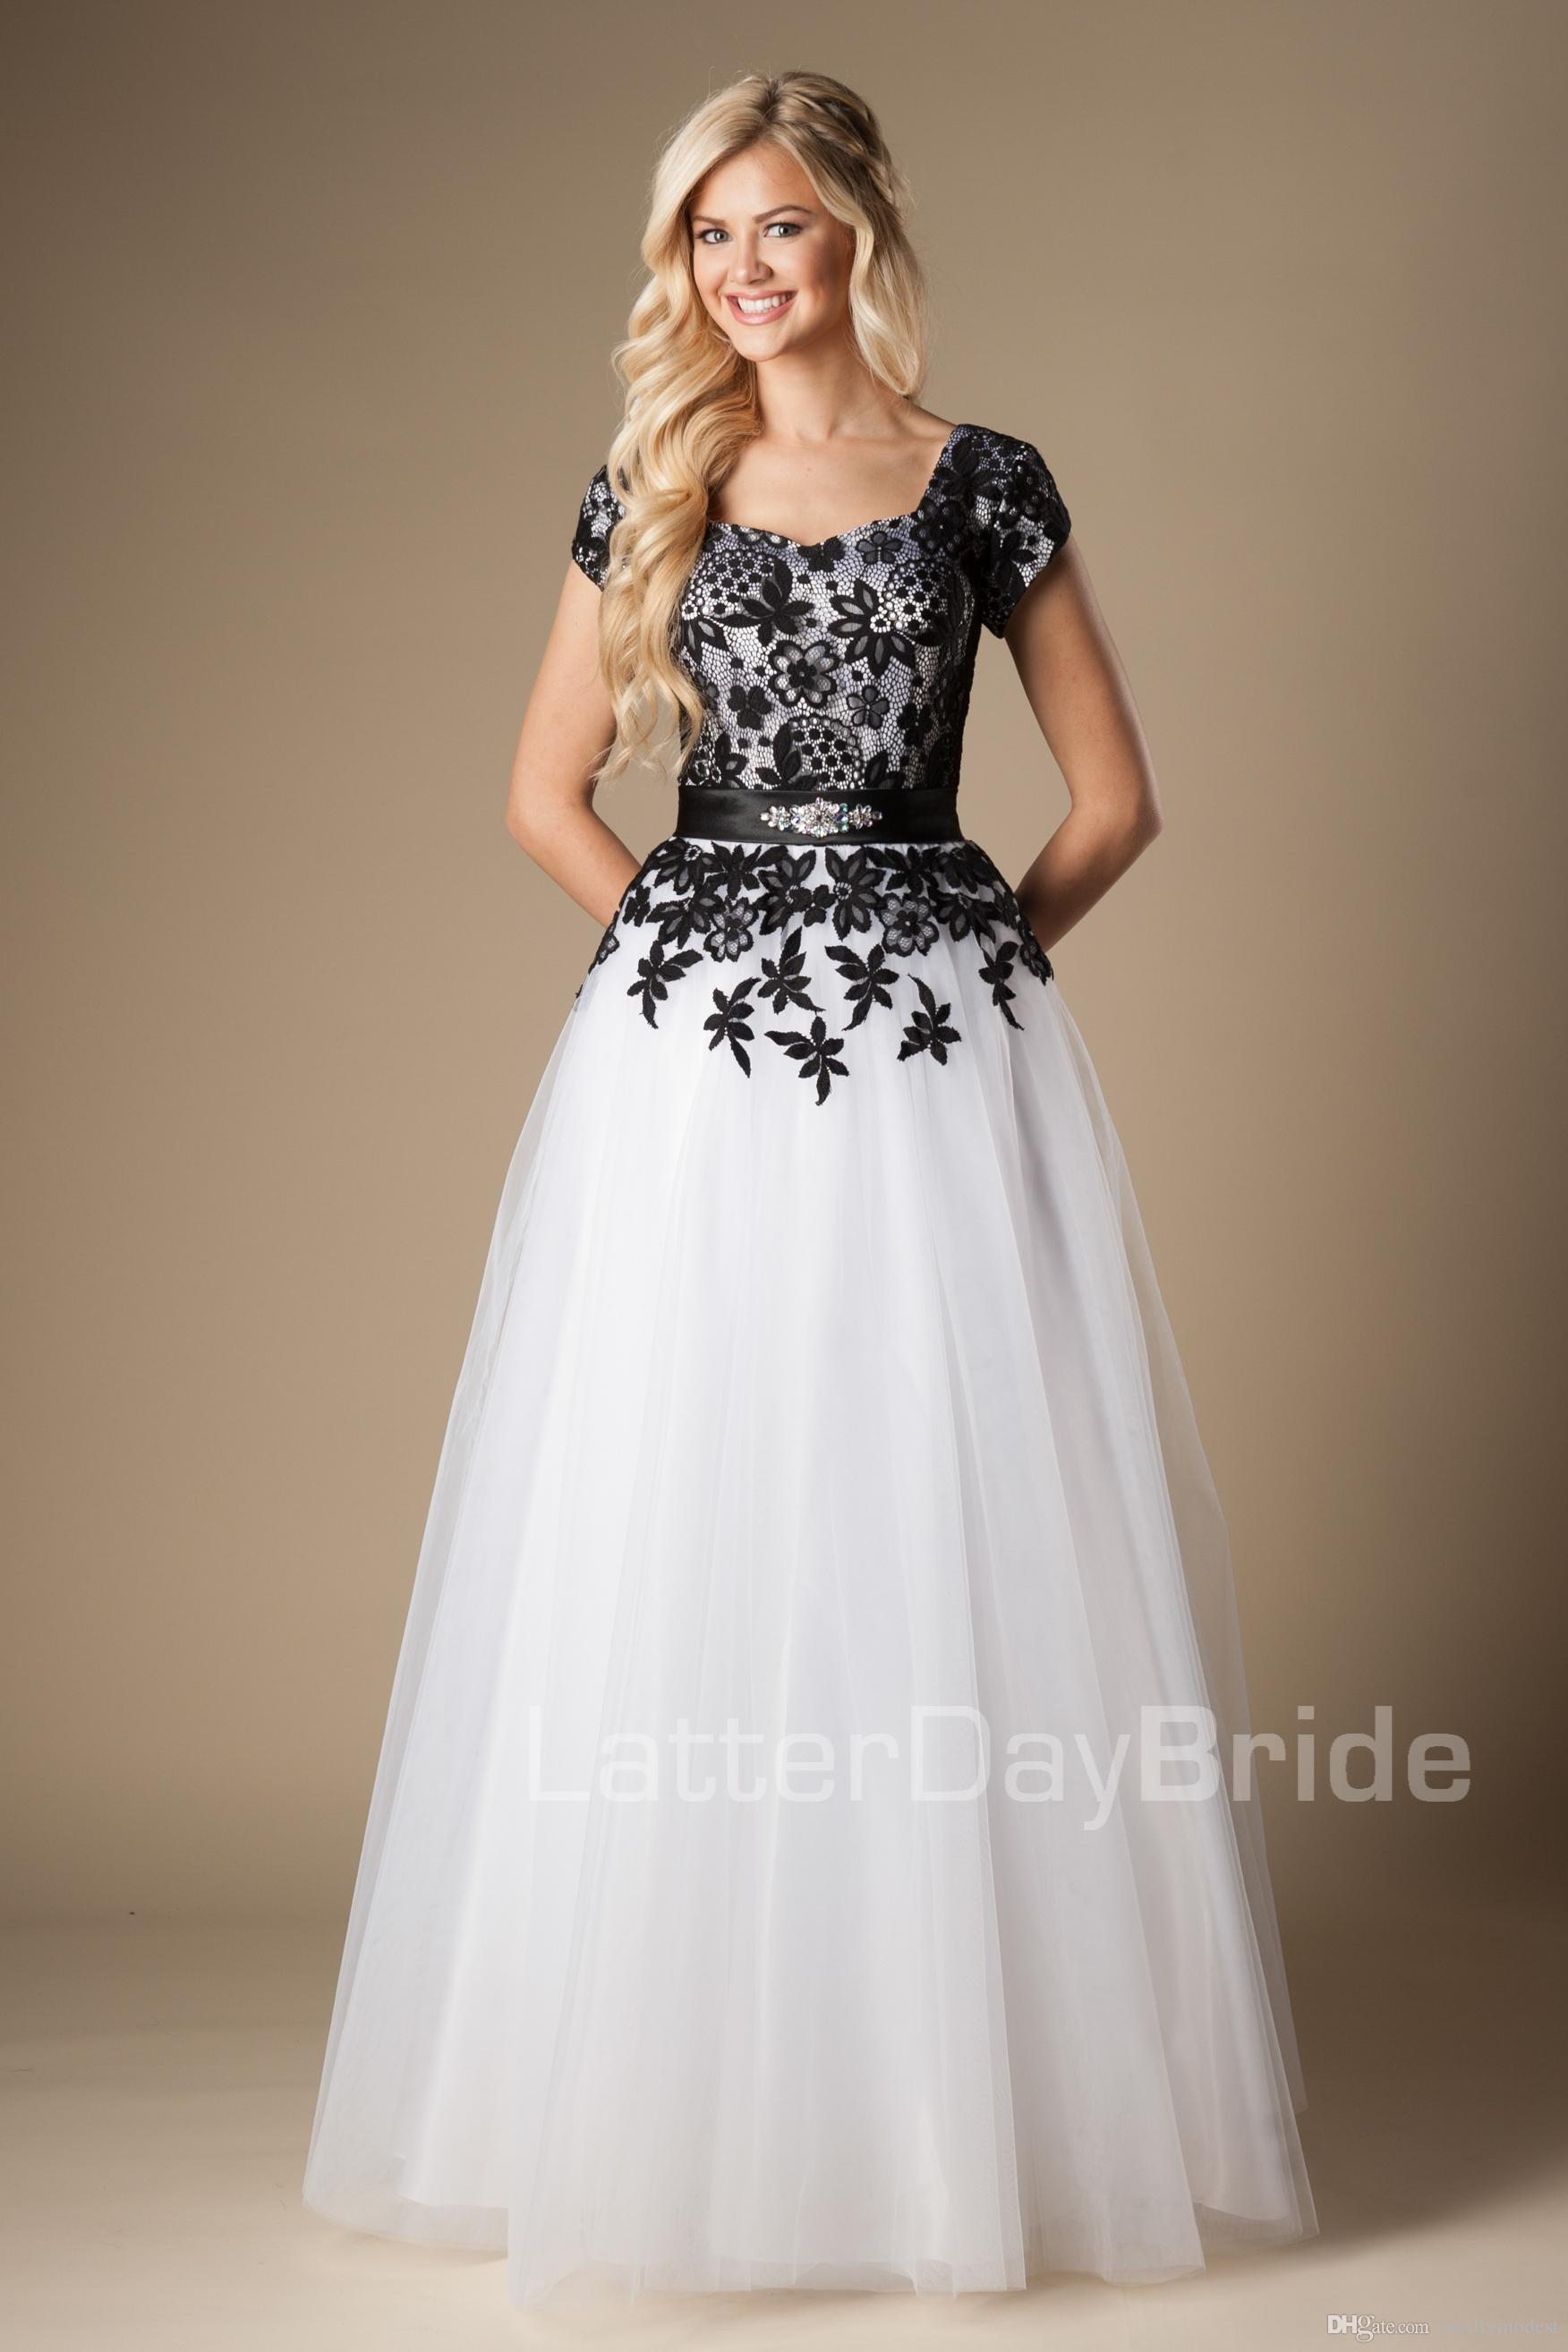 15 Erstaunlich Abendkleid Weiß Lang Vertrieb17 Schön Abendkleid Weiß Lang Ärmel